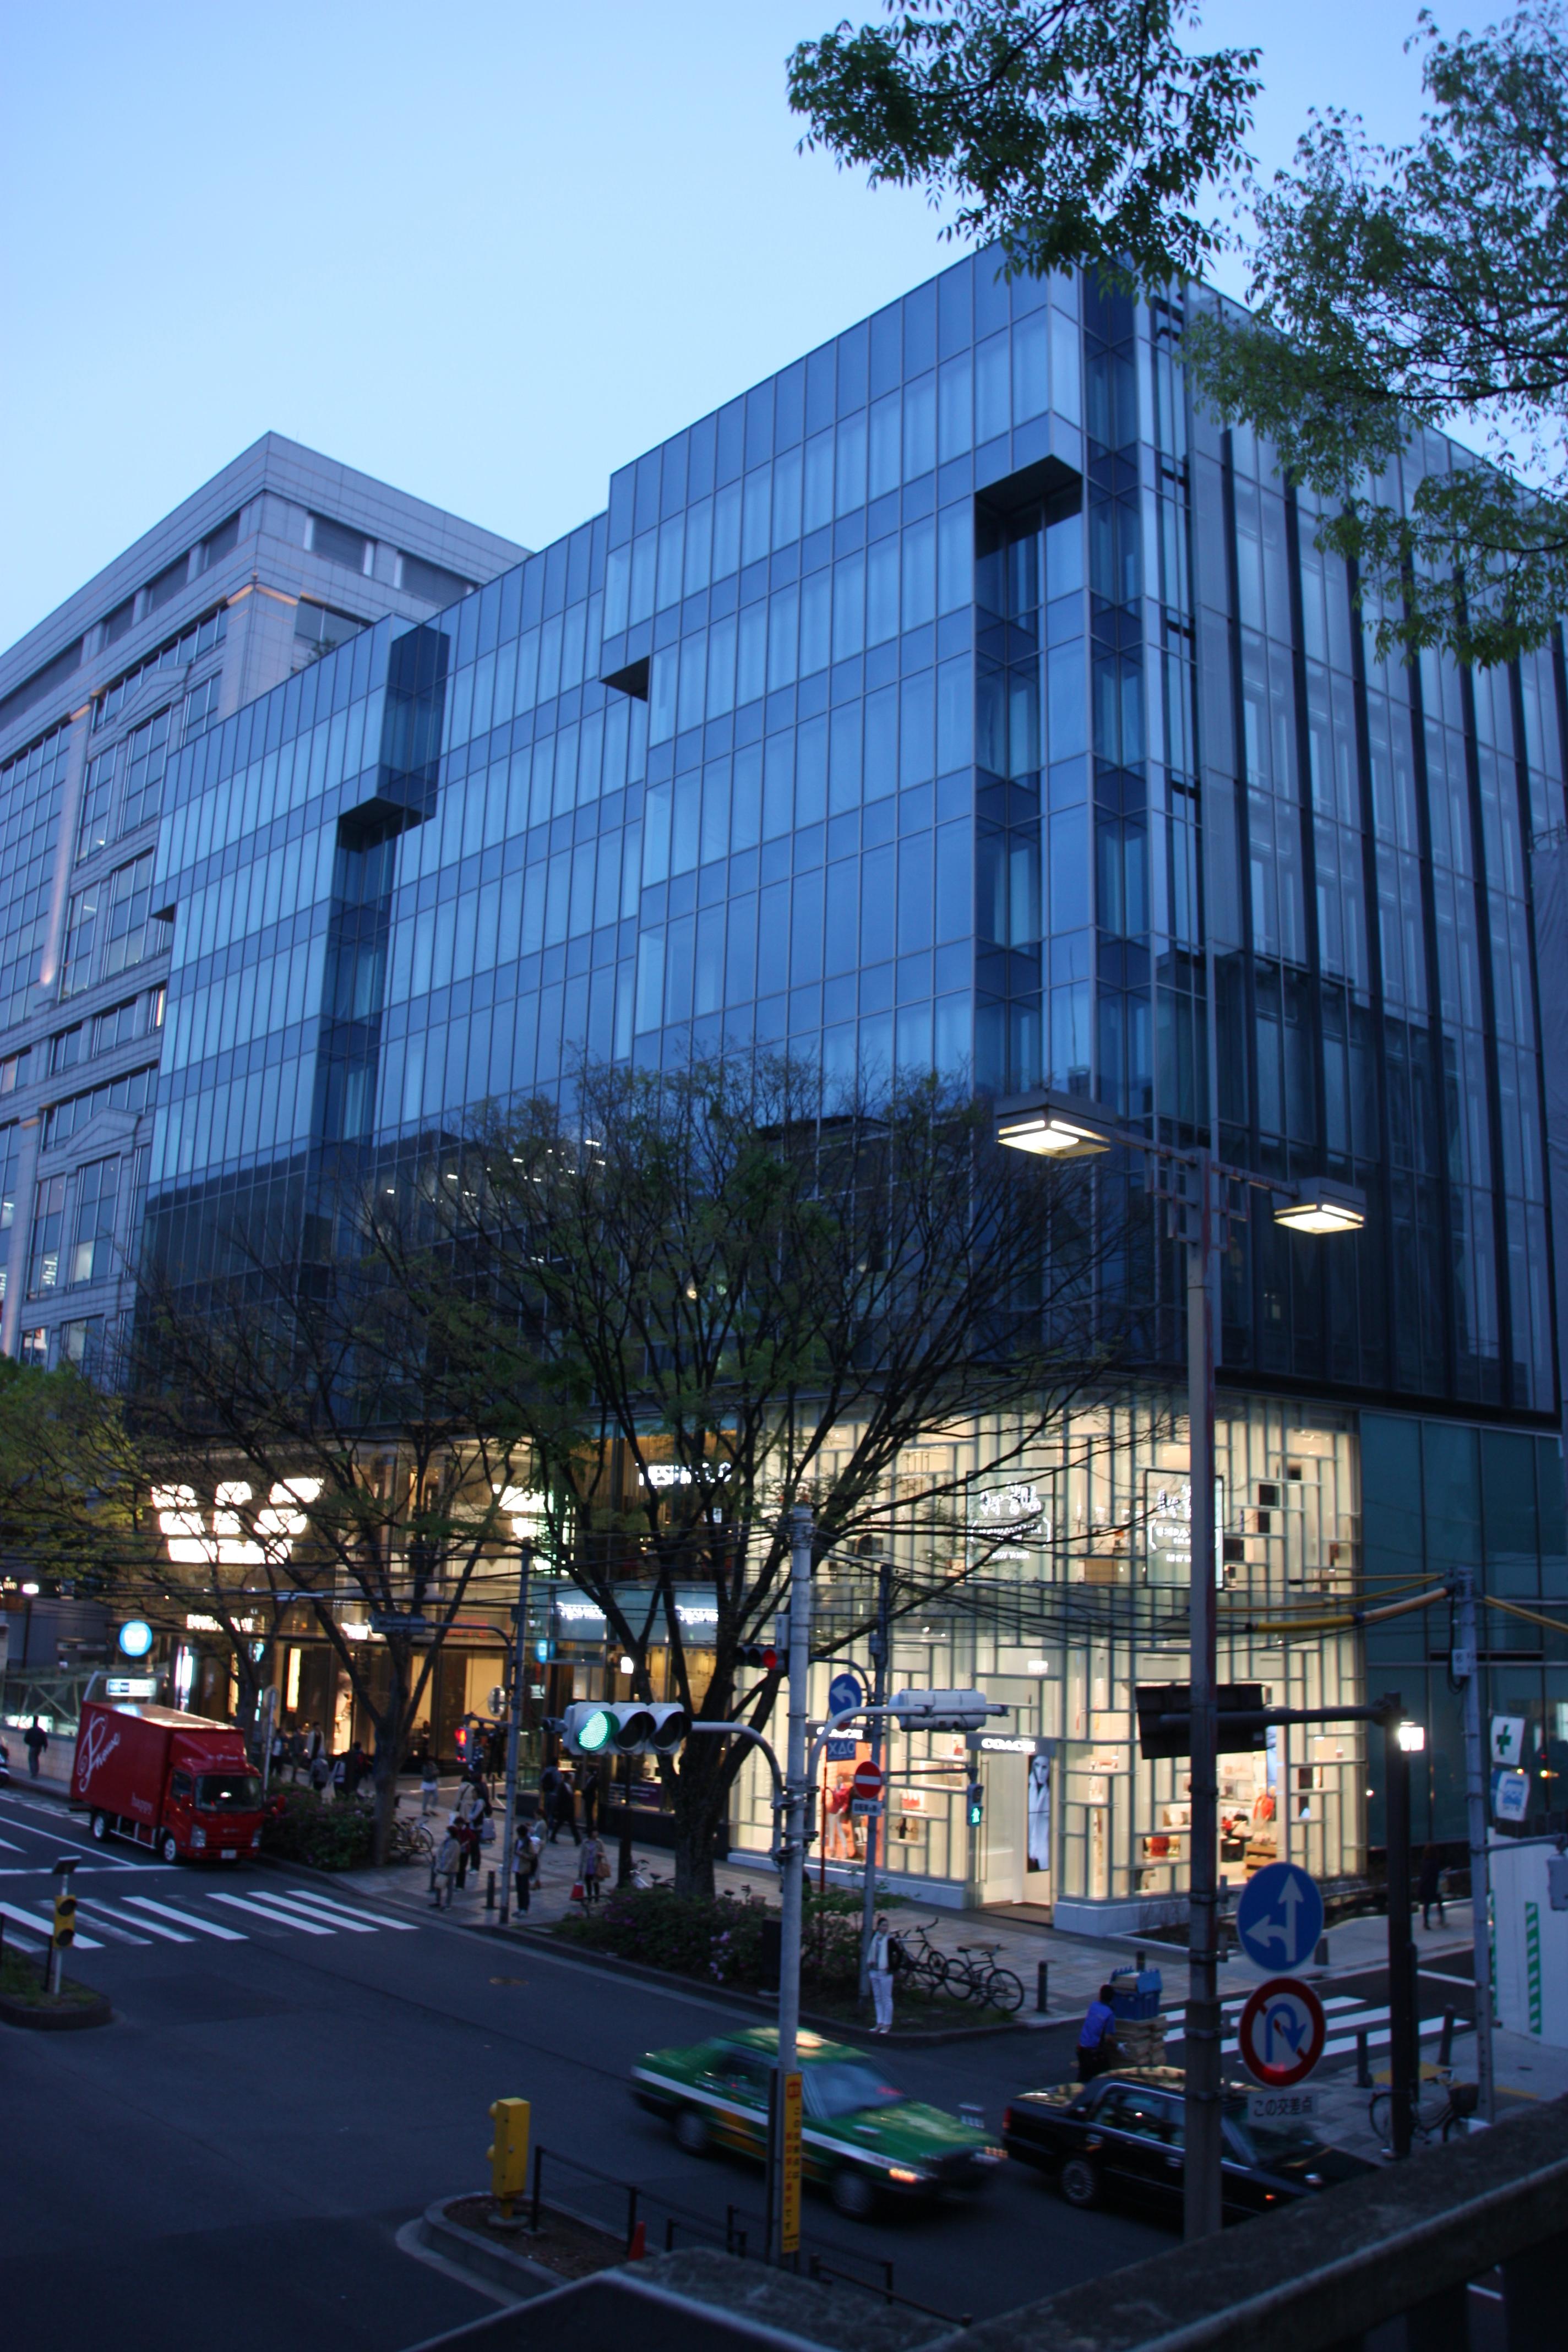 4月4日にオープンした複合商業施設「oak omotesando」